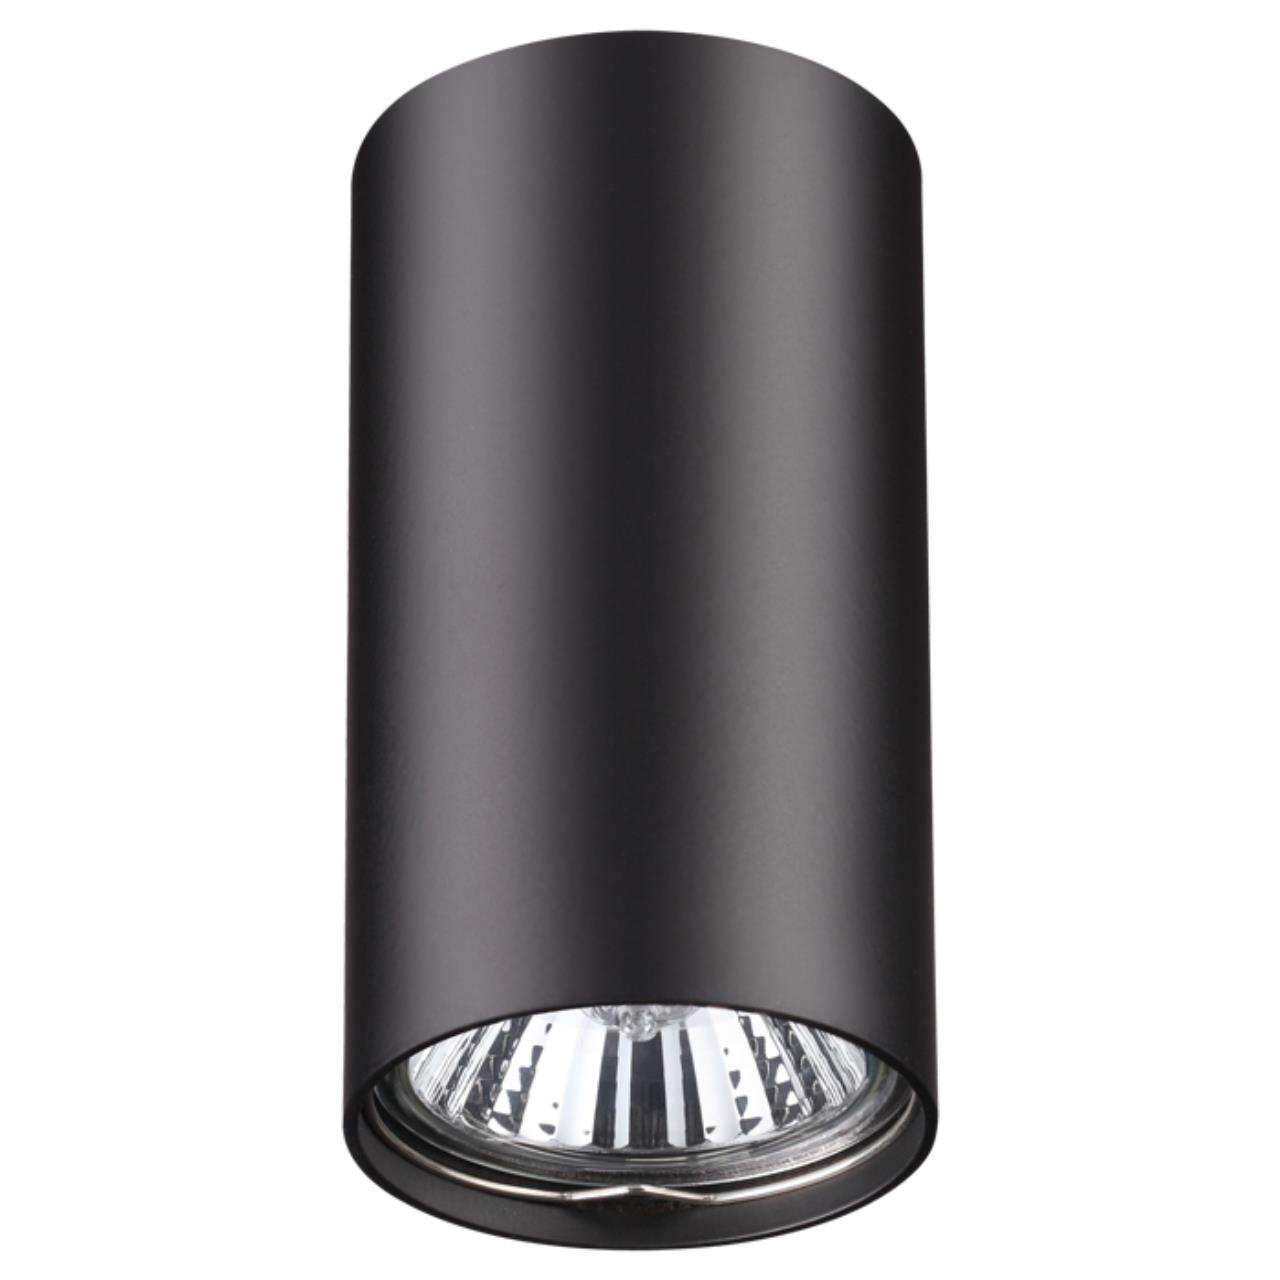 370420 OVER NT19 101 черный Накладной светильник IP20 GU10 50W 220V PIPE